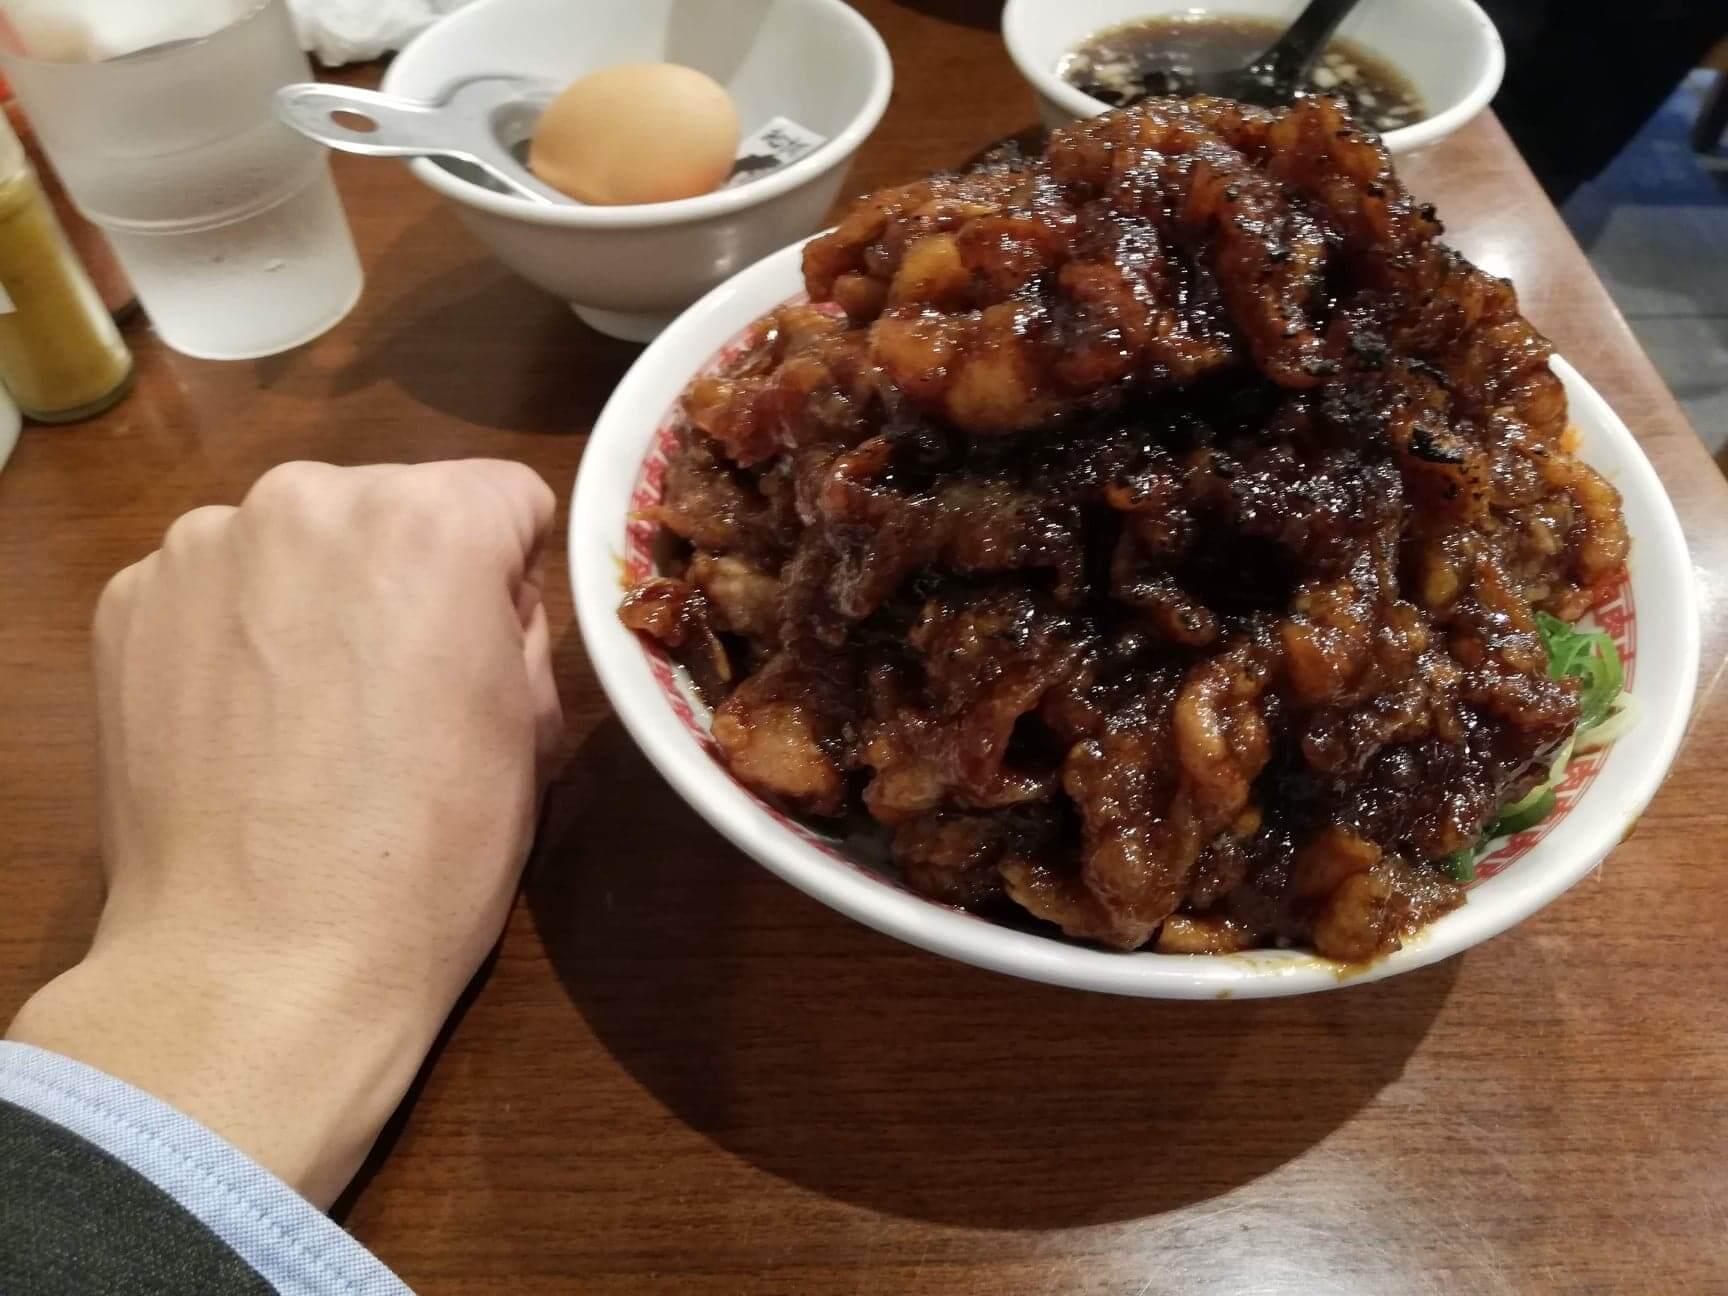 高田馬場『肉汁麺ススム』の肉汁丼と拳のサイズ比較写真